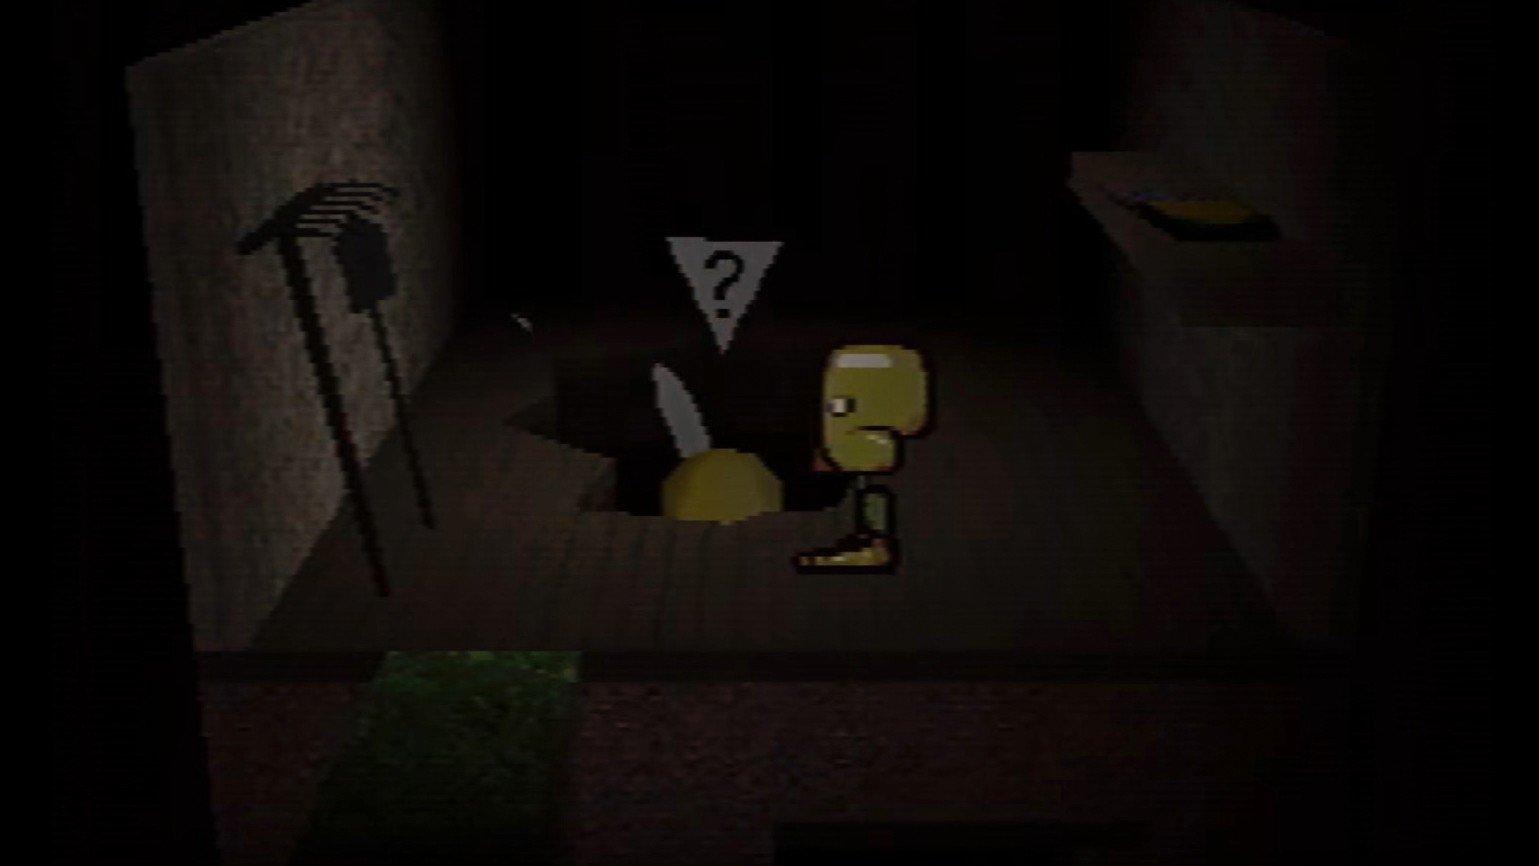 Un desconocido y oscuro juego de PlayStation aparece en YouTube y desata las teorías